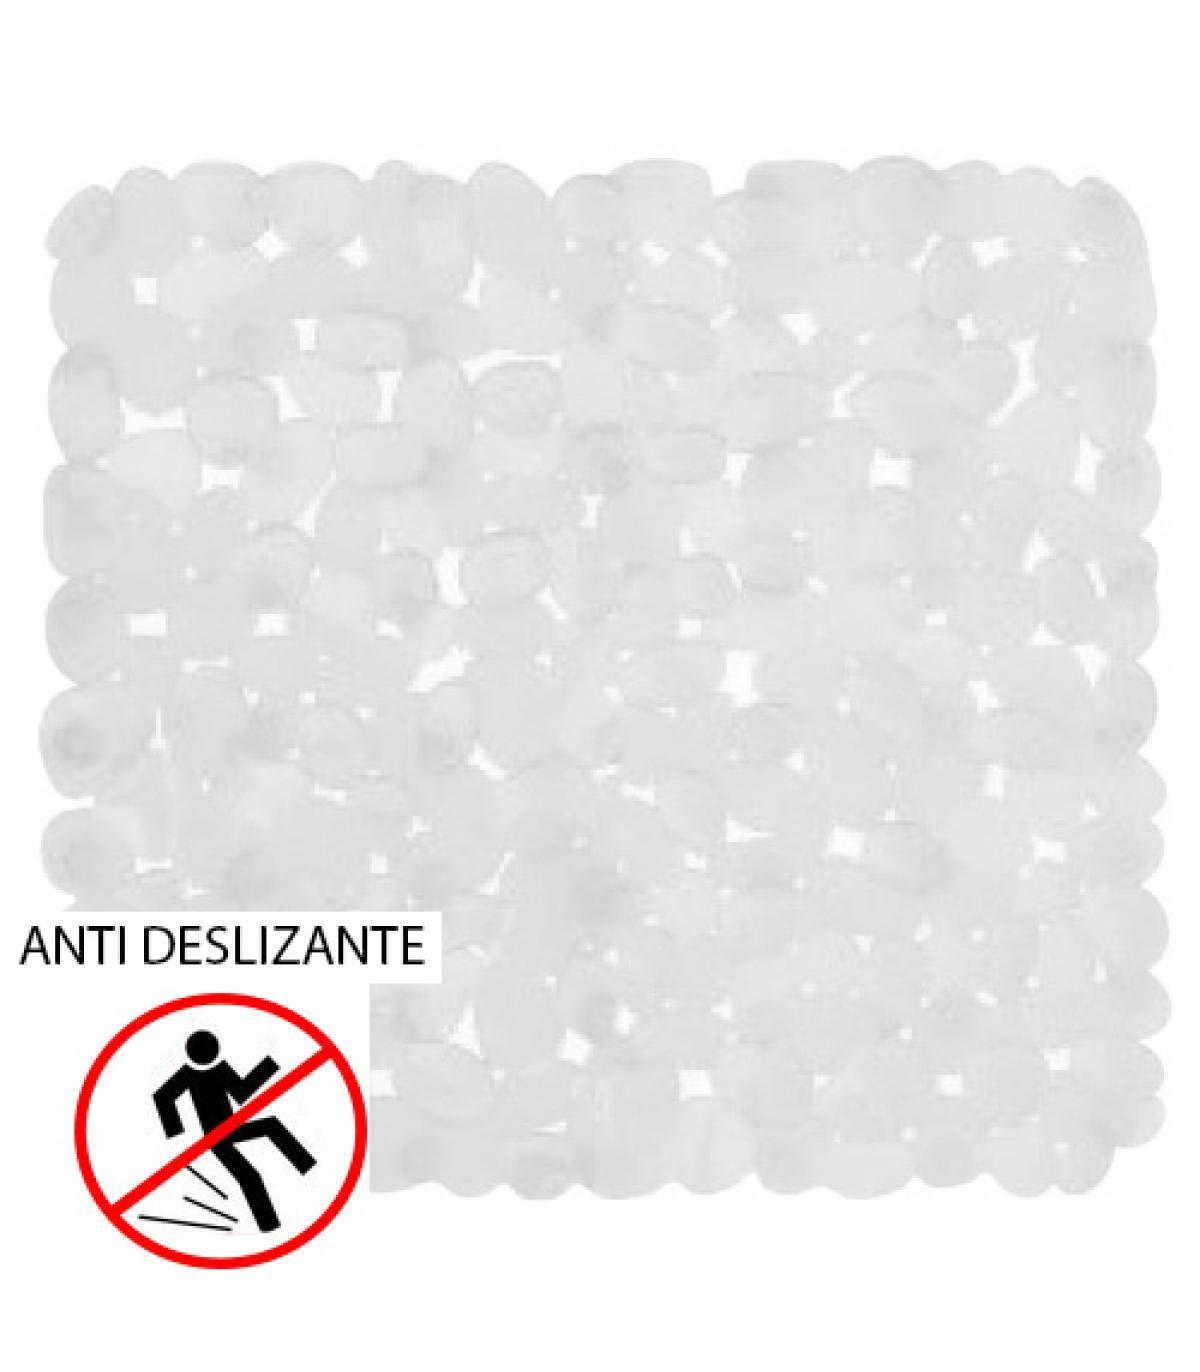 Agarre seguro de dise/ño elegante Alfombrilla antideslizante mDesign Evite el riesgo de ca/ídas en el ba/ño